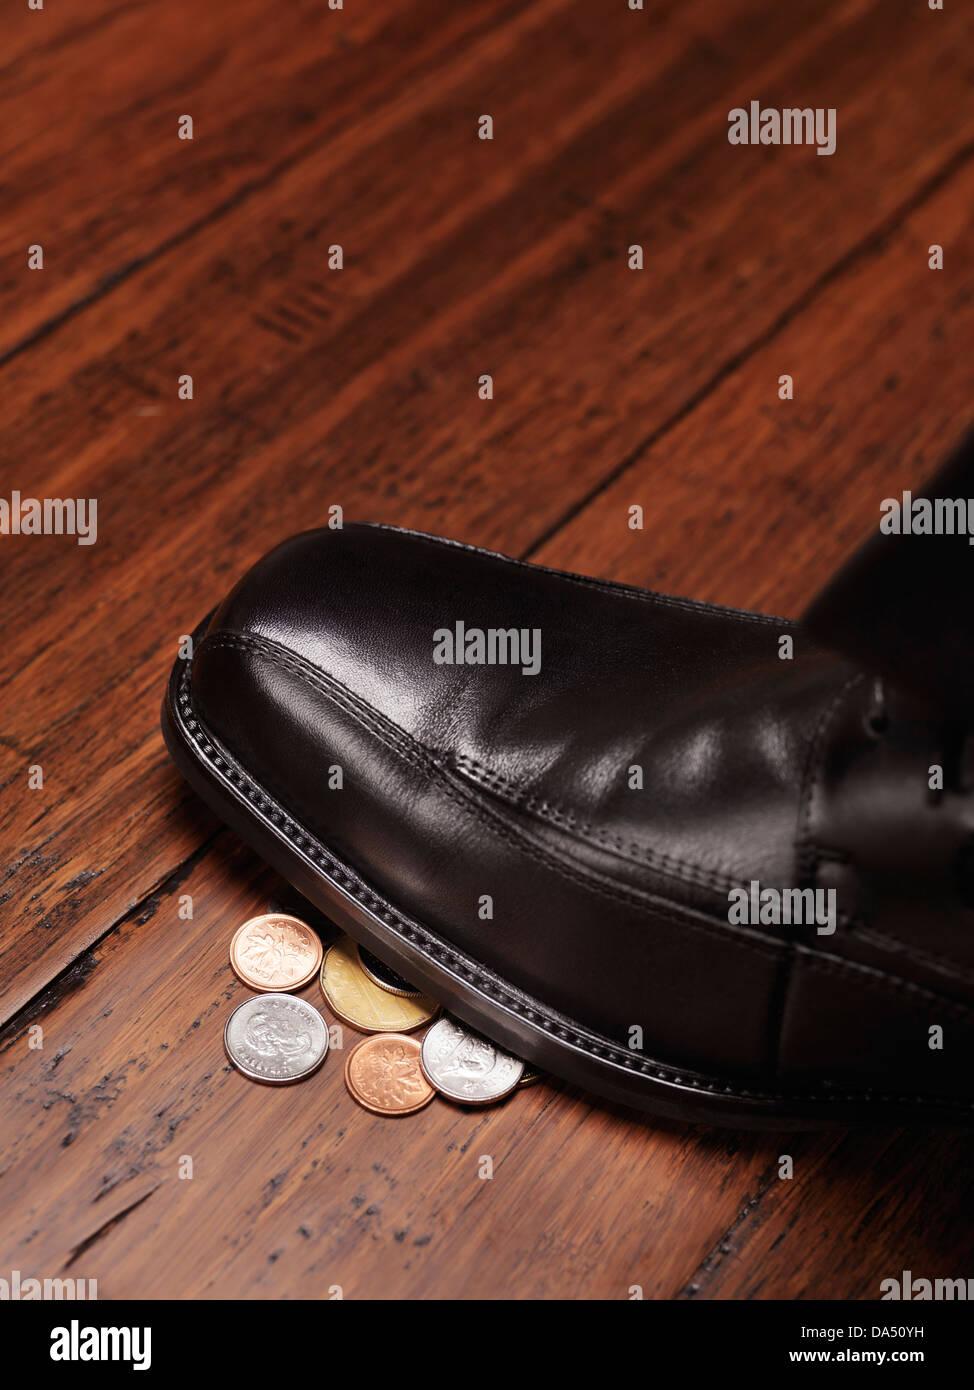 Primer plano de un hombre de pie sobre la zapata, cambio de monedas, el dinero que se encontró en el piso, Imagen De Stock